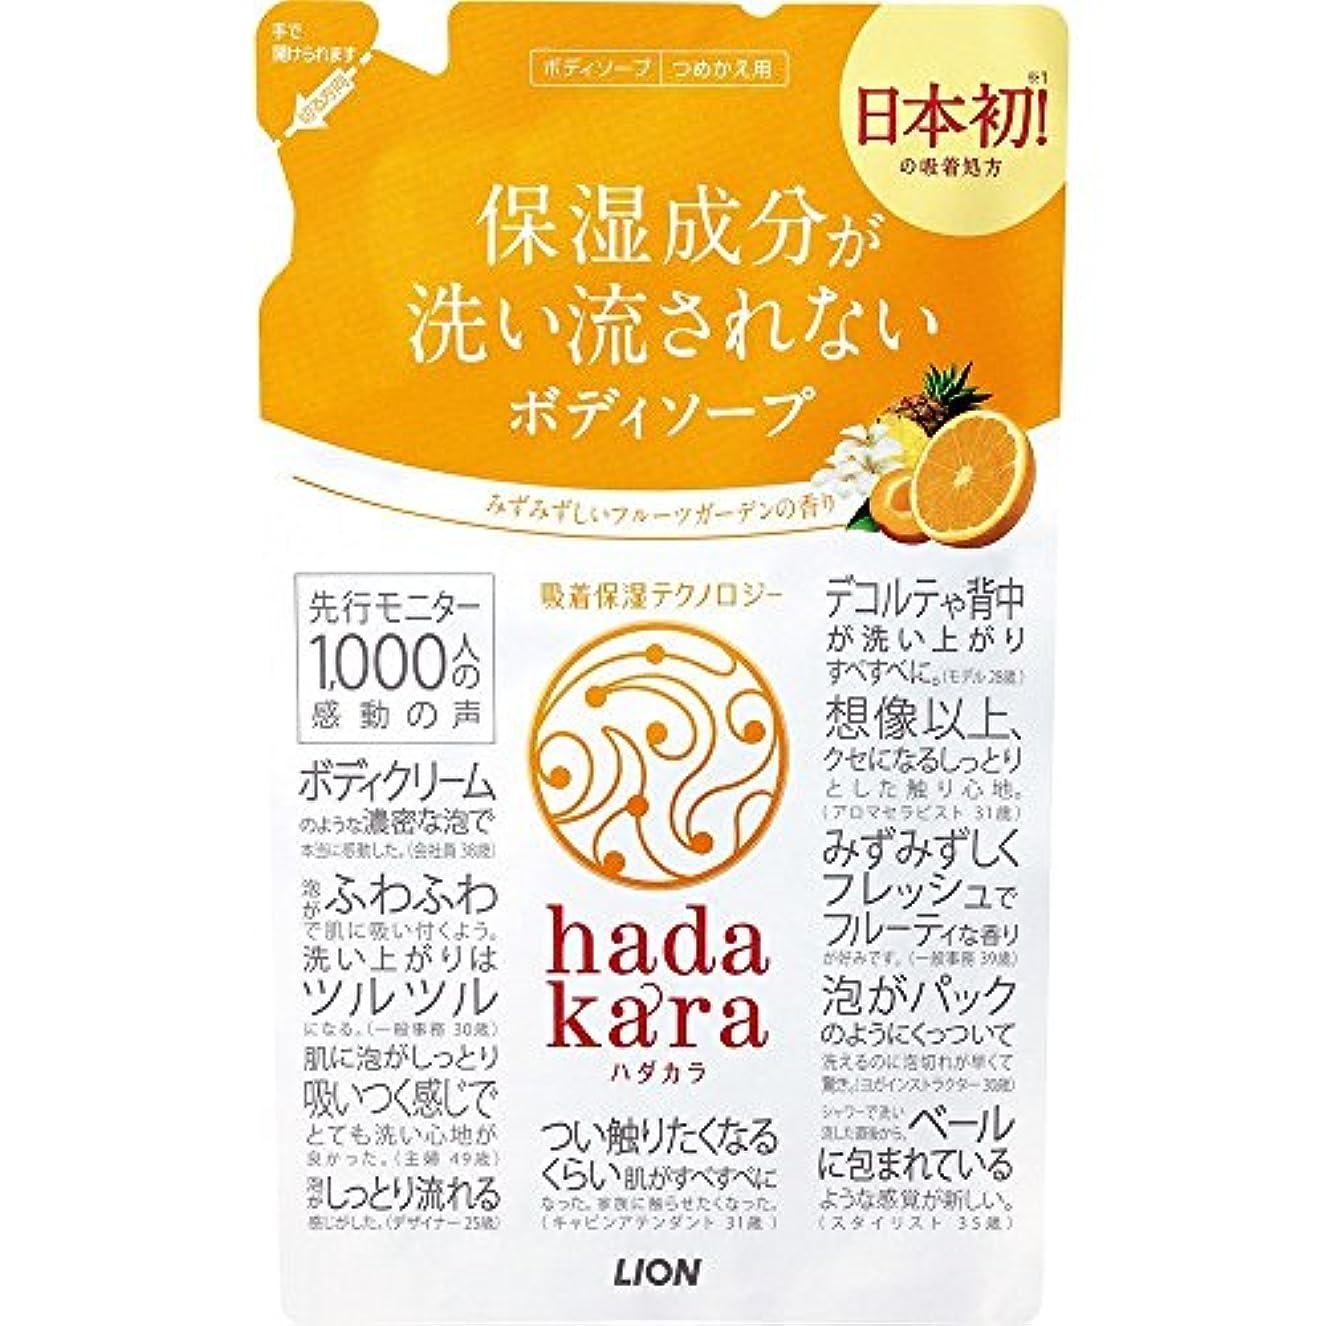 哲学バーガー過度のhadakara(ハダカラ) ボディソープ フルーツガーデンの香り 詰め替え 360ml